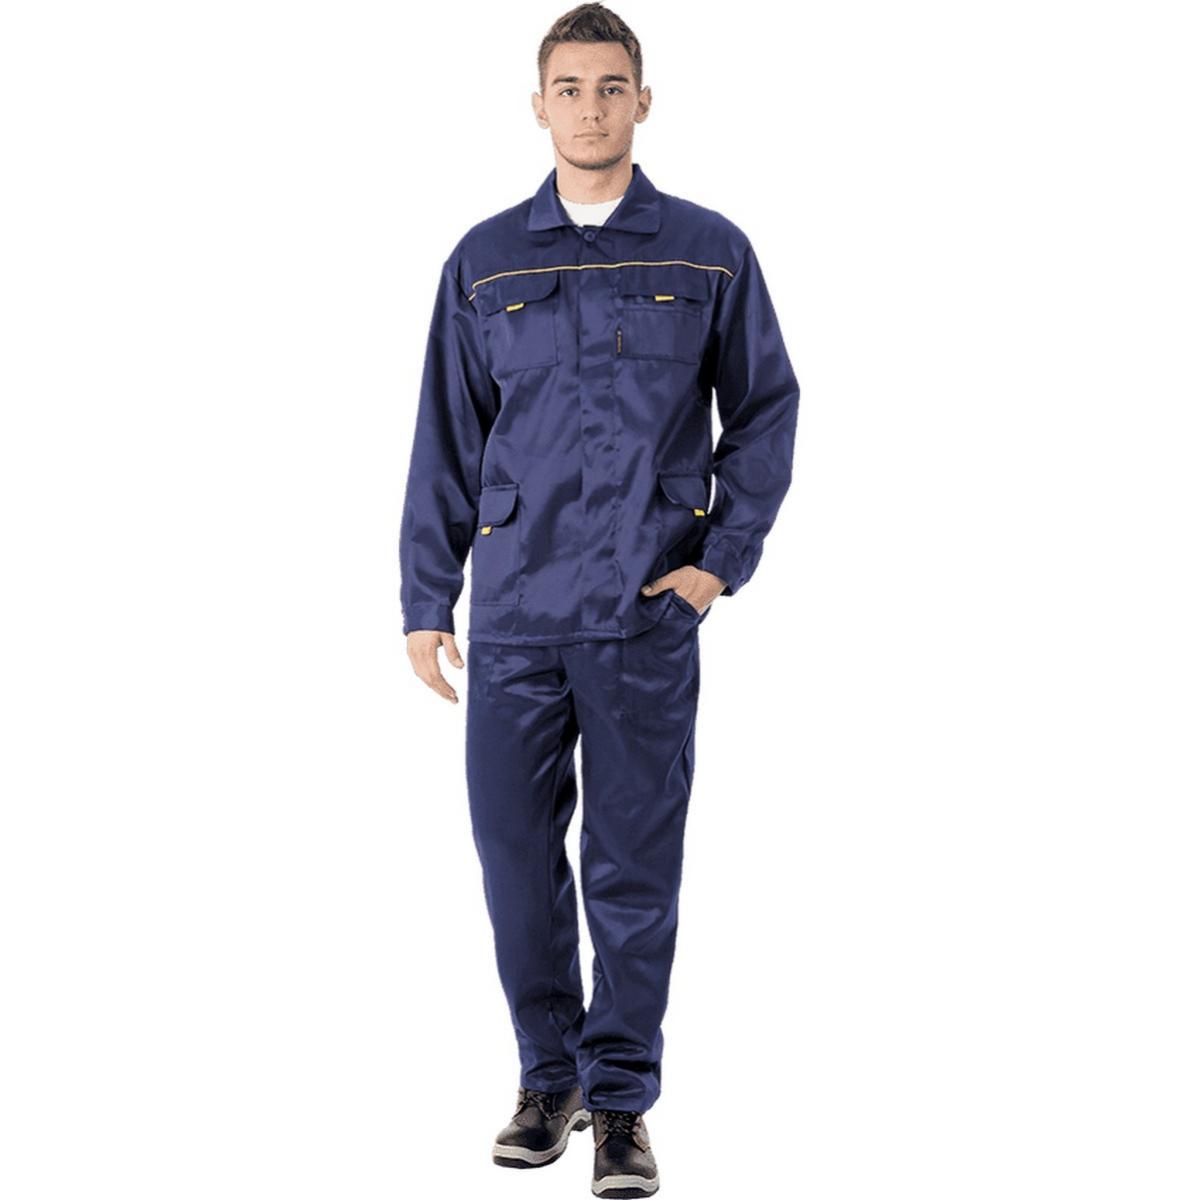 Костюм ВЫМПЕЛ-1 т/синий (куртка+брюки)  (разм. 88-92 рост 182-188)